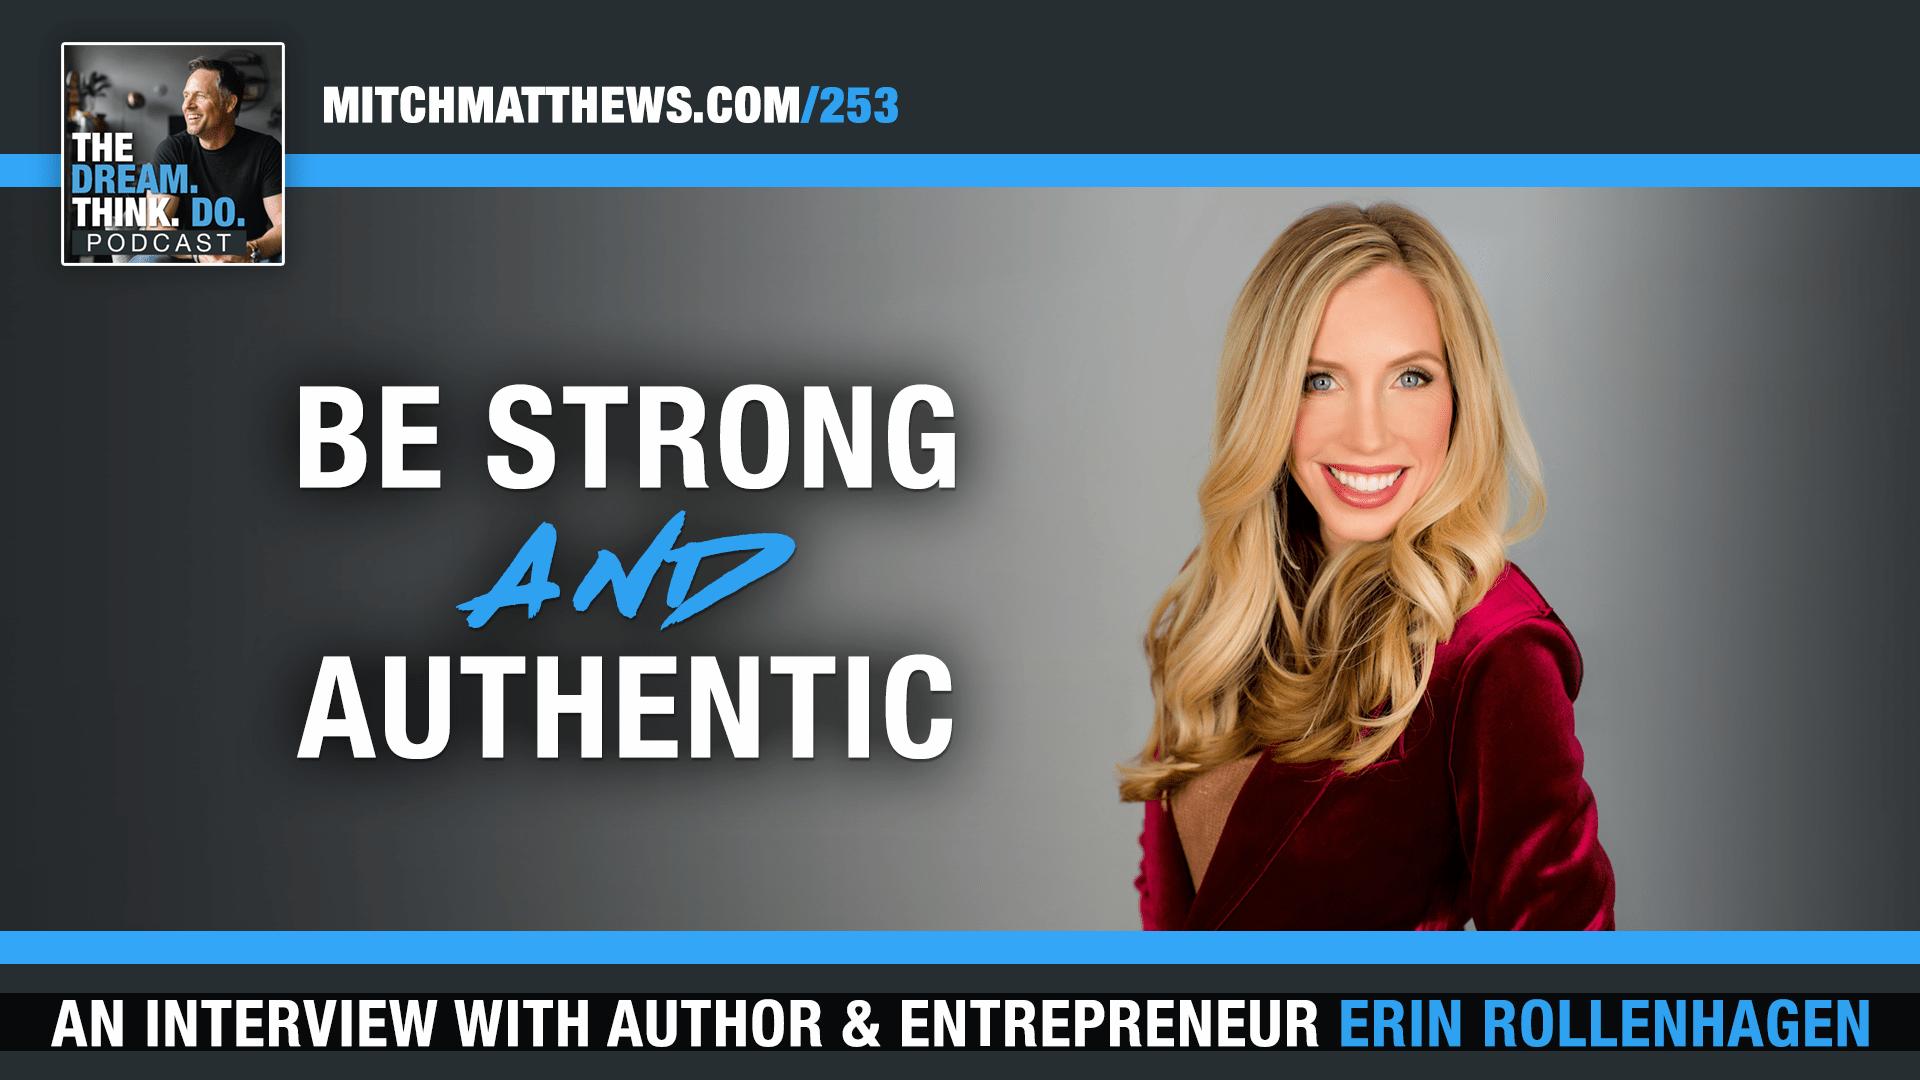 Erin Rollenhagen interview with Mitch Matthews